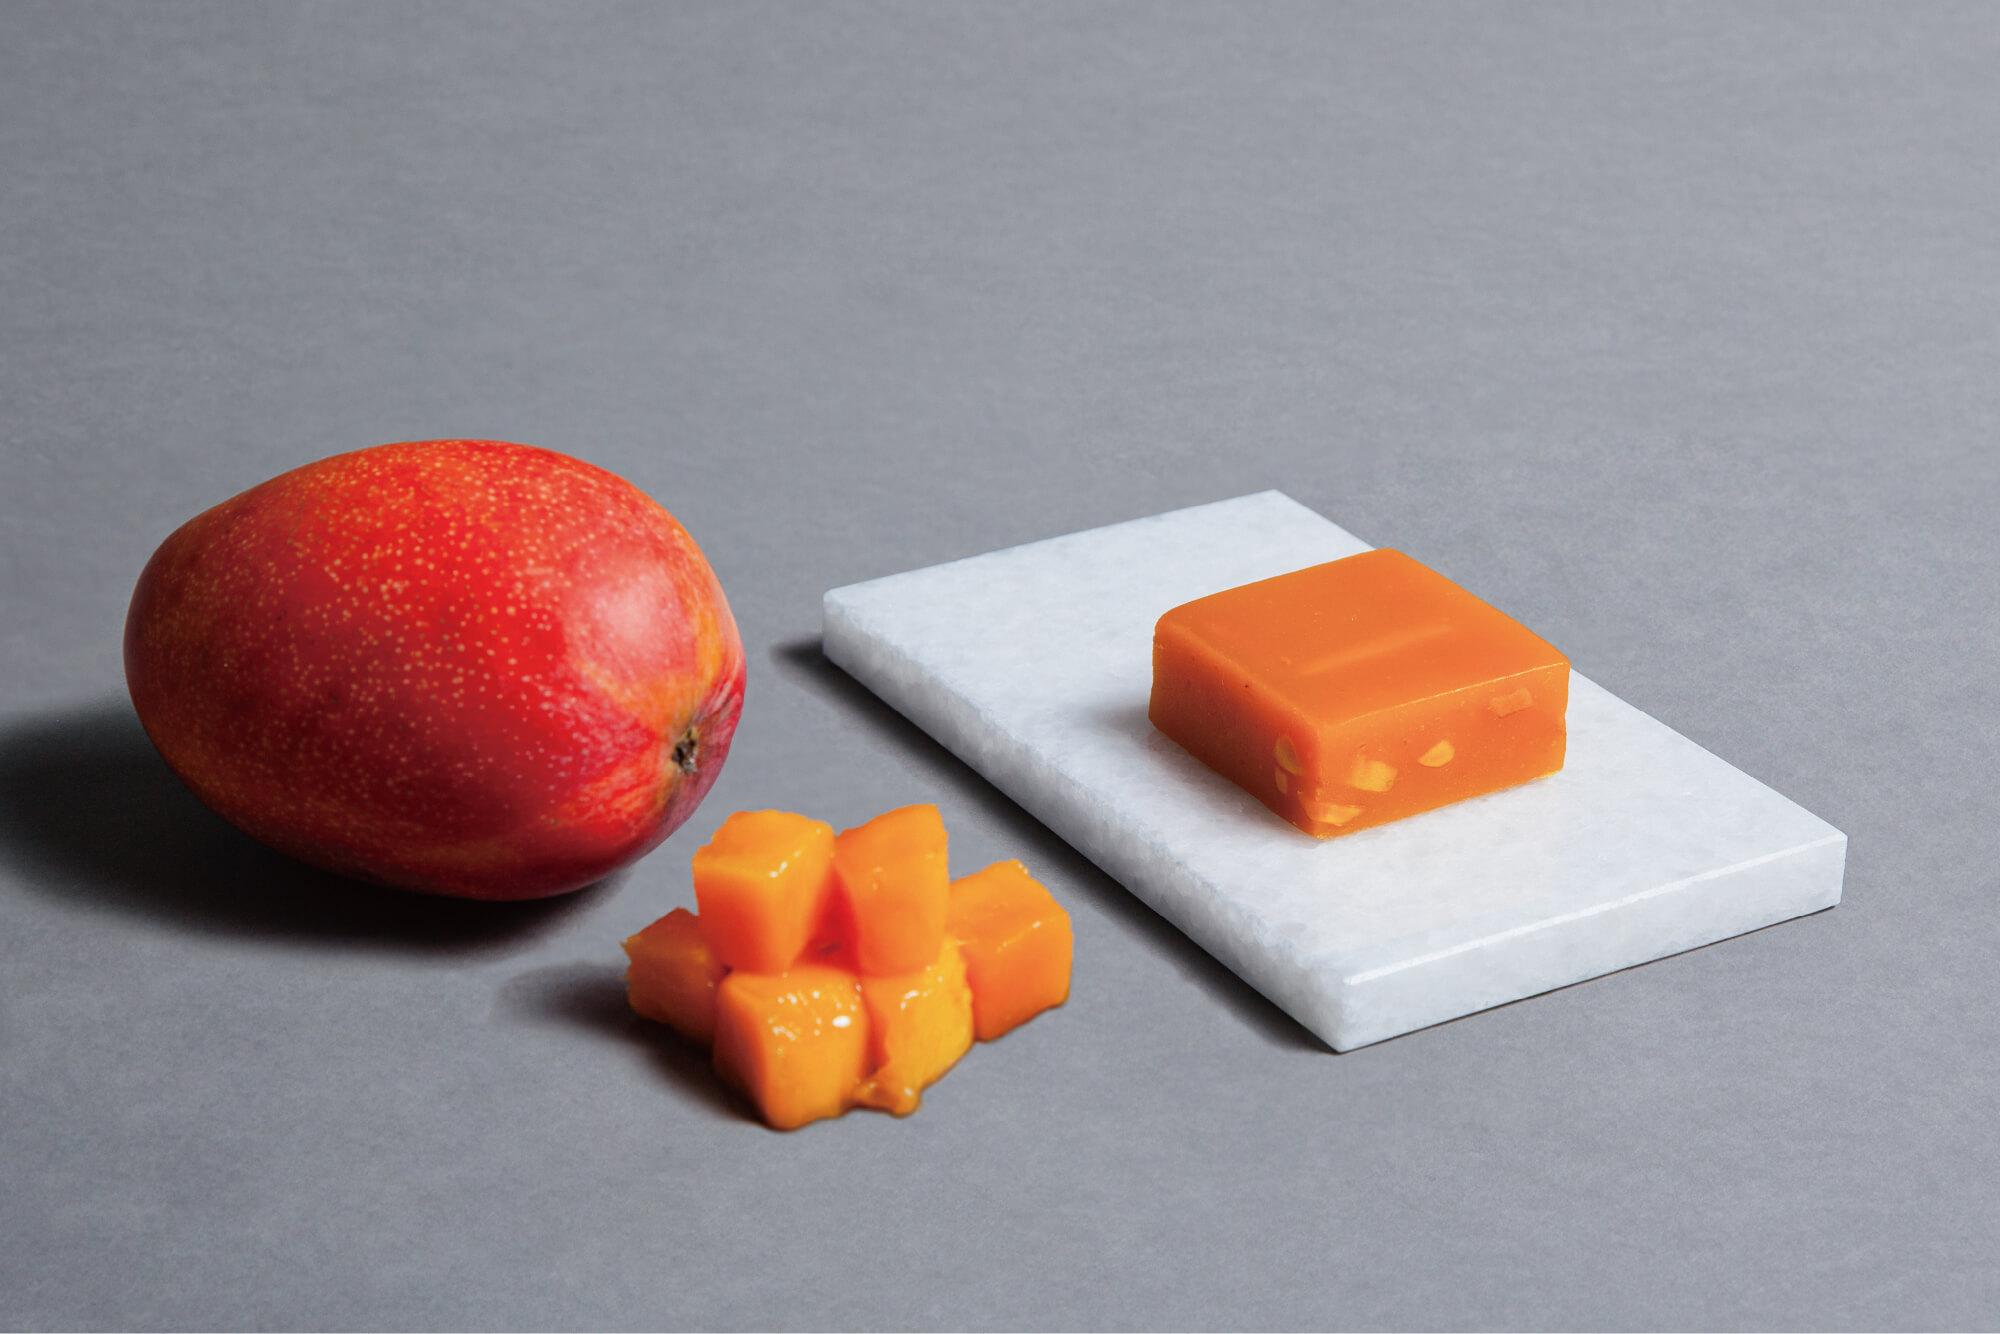 マンゴーとマンゴーのヨウカンカ